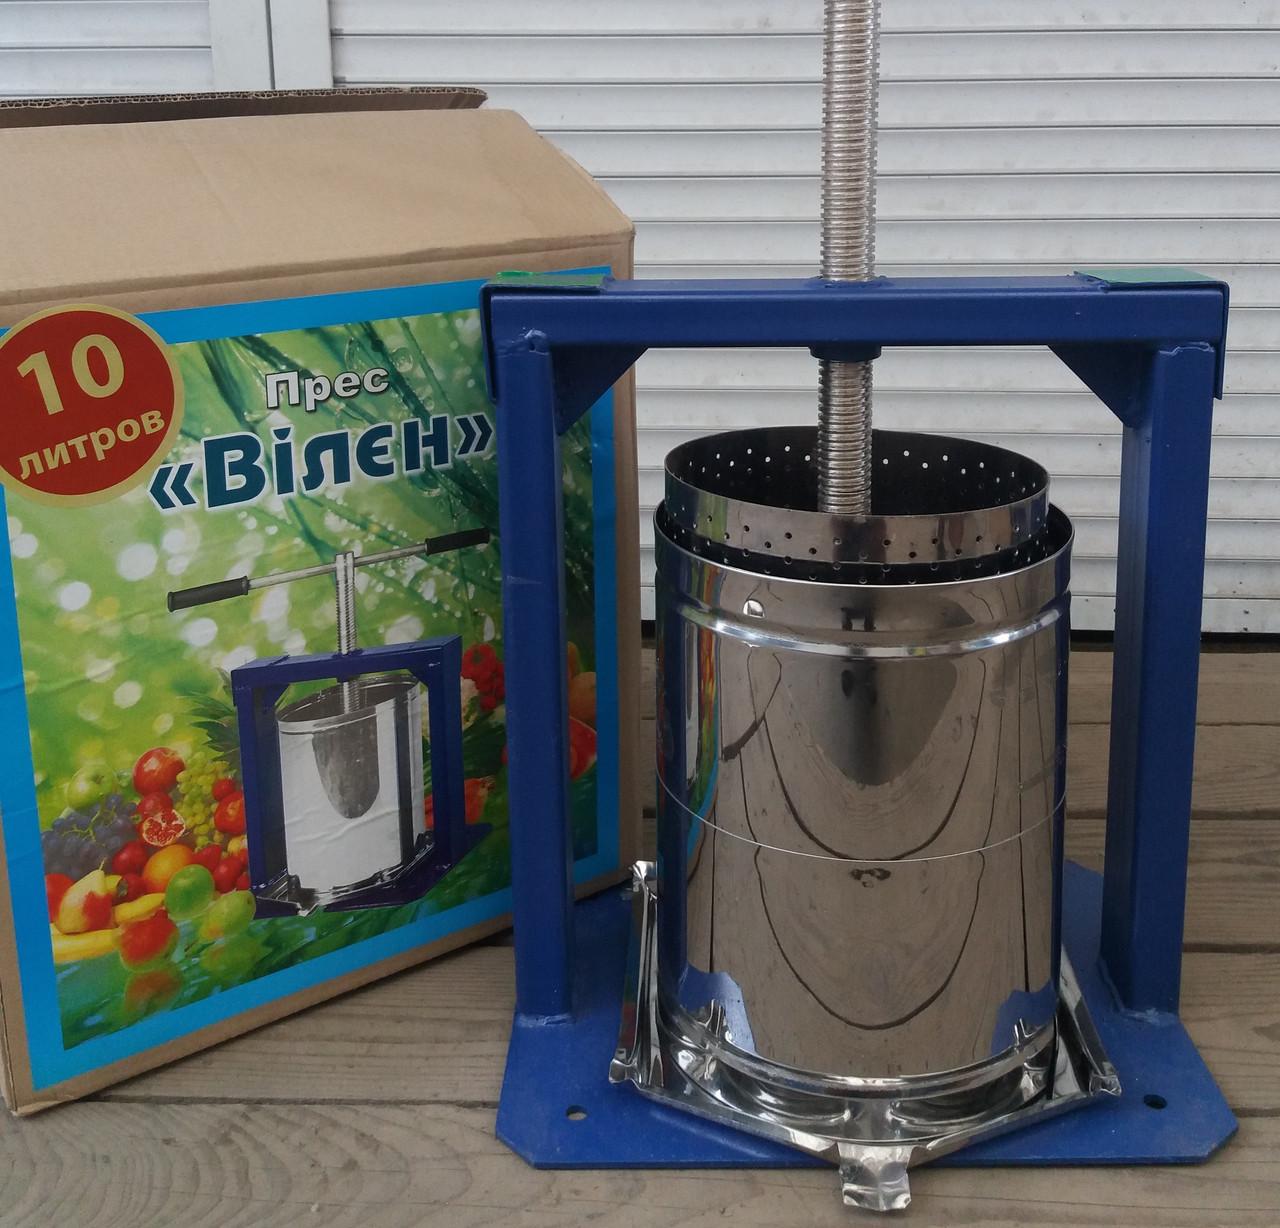 Пресс для винограда Вилен 10 литров